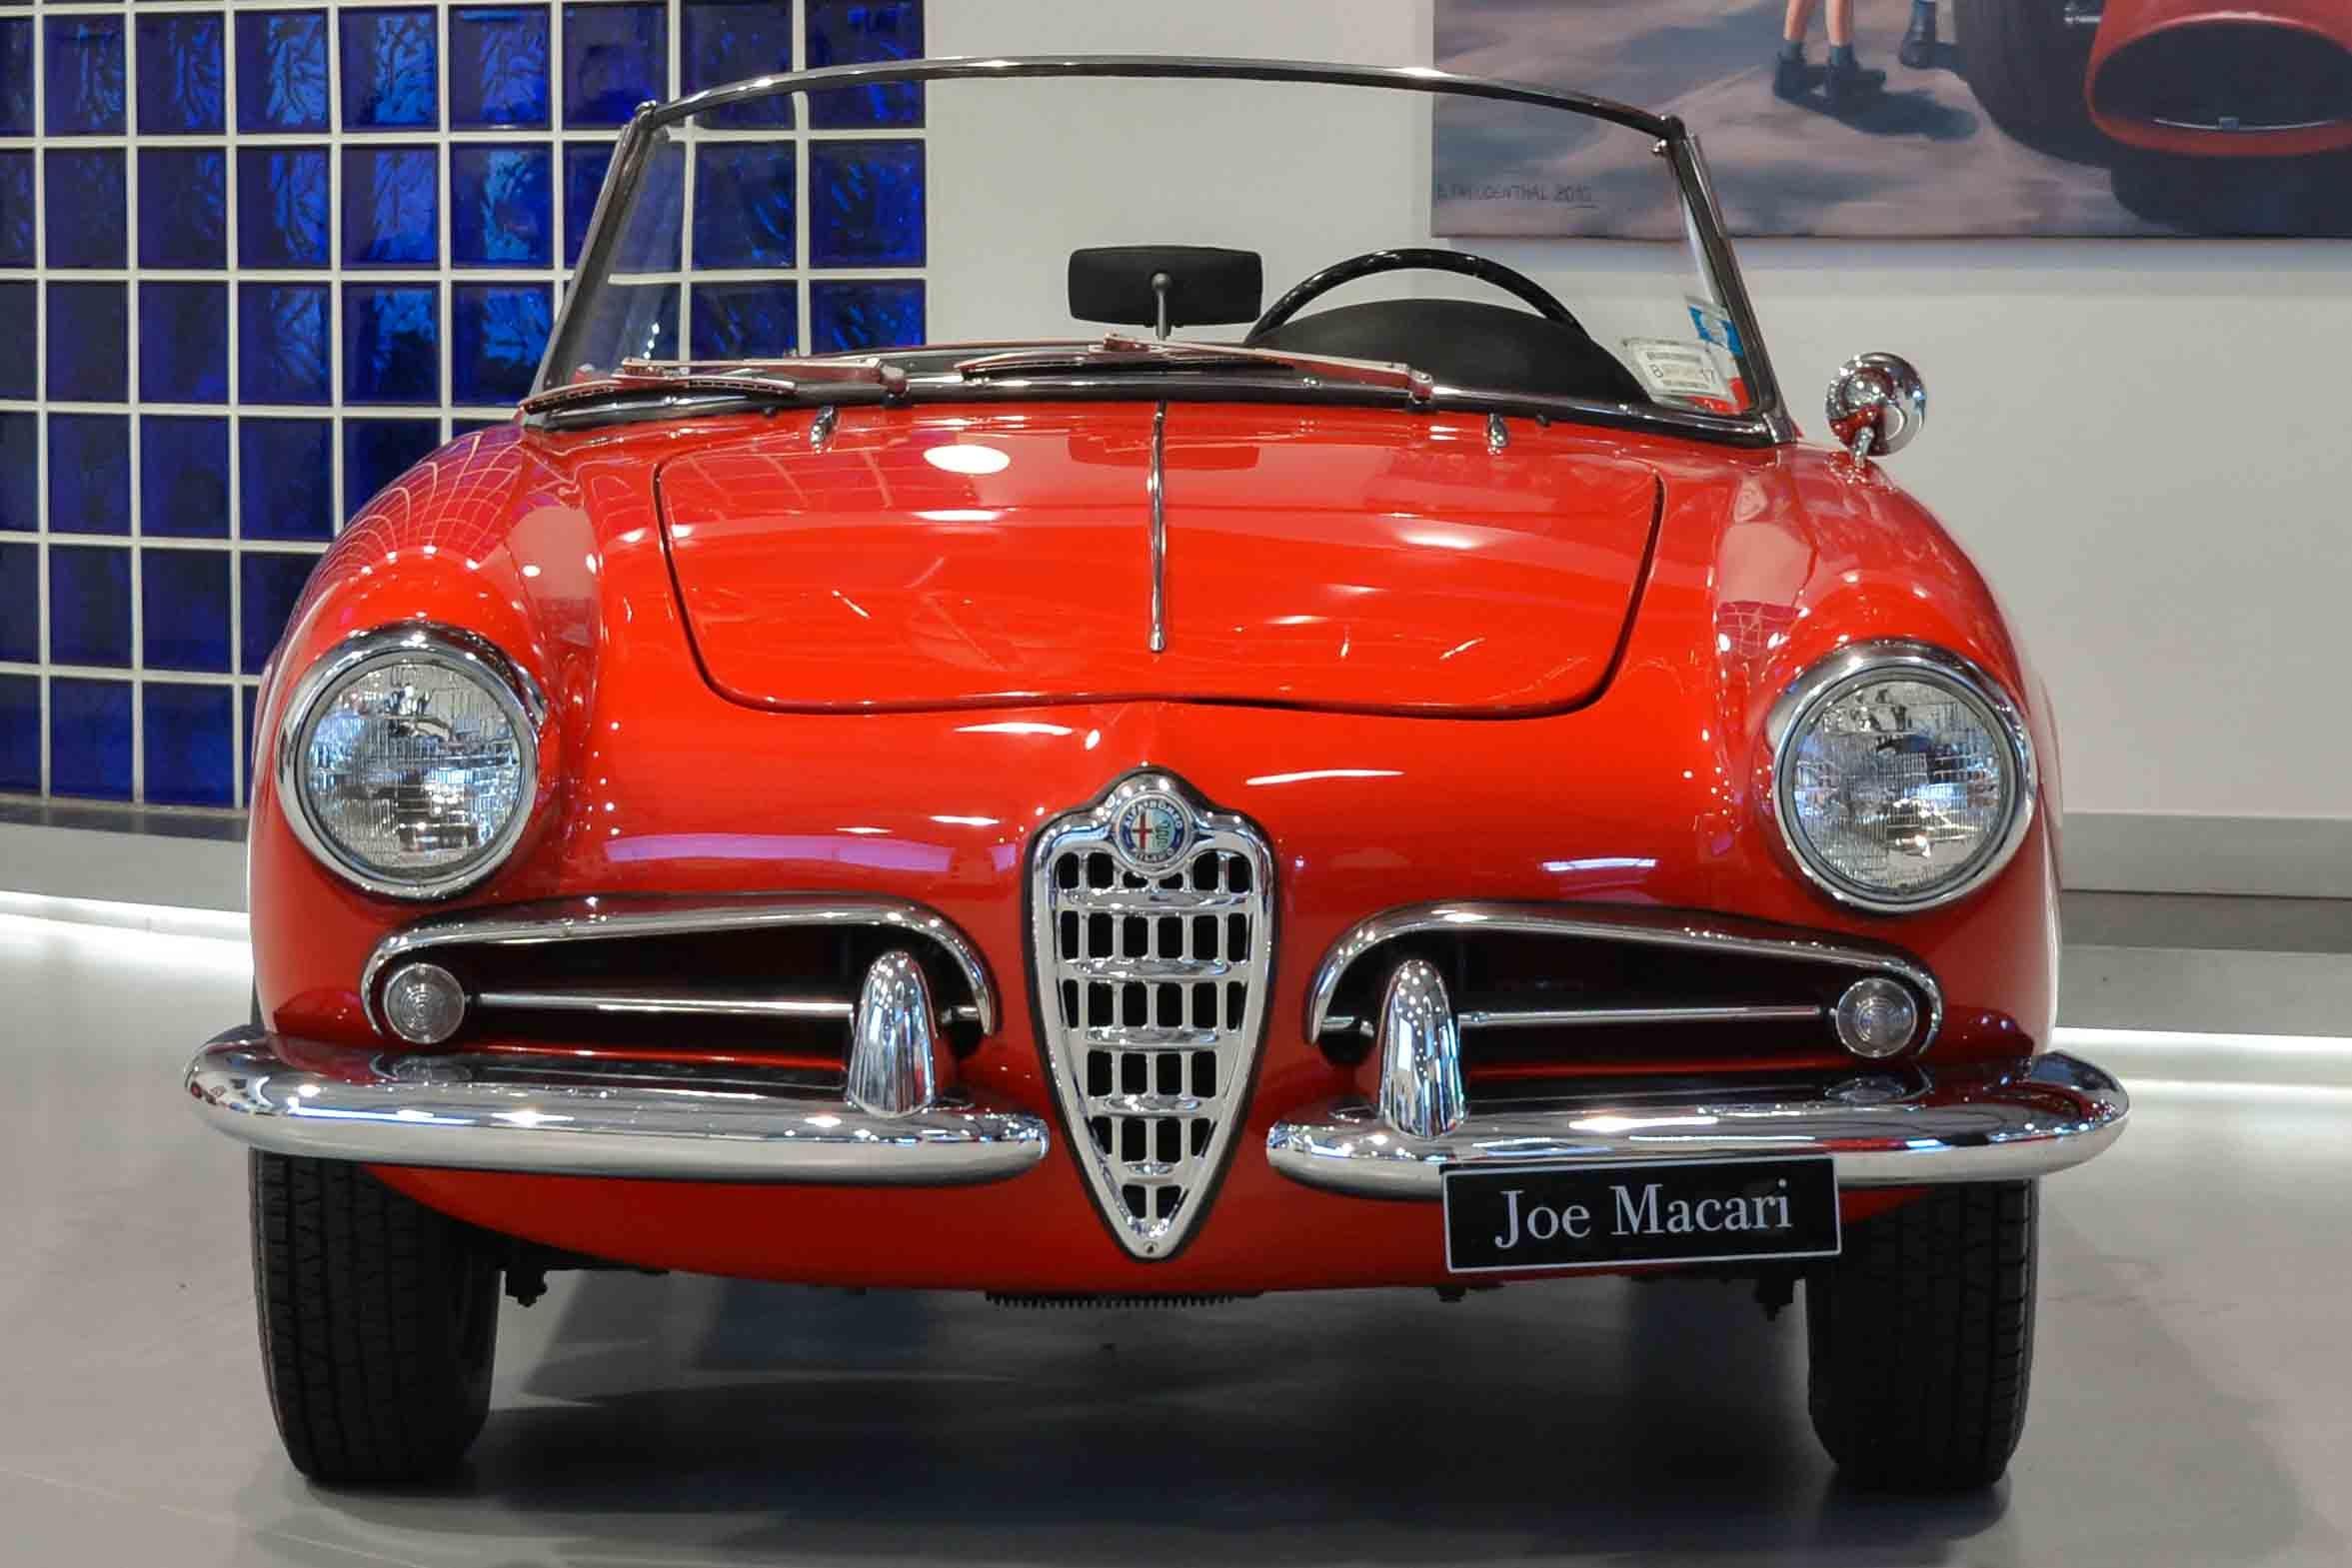 1962 Alfa Romeo Giulietta Voiture De Collection Vendre Ignition Timing